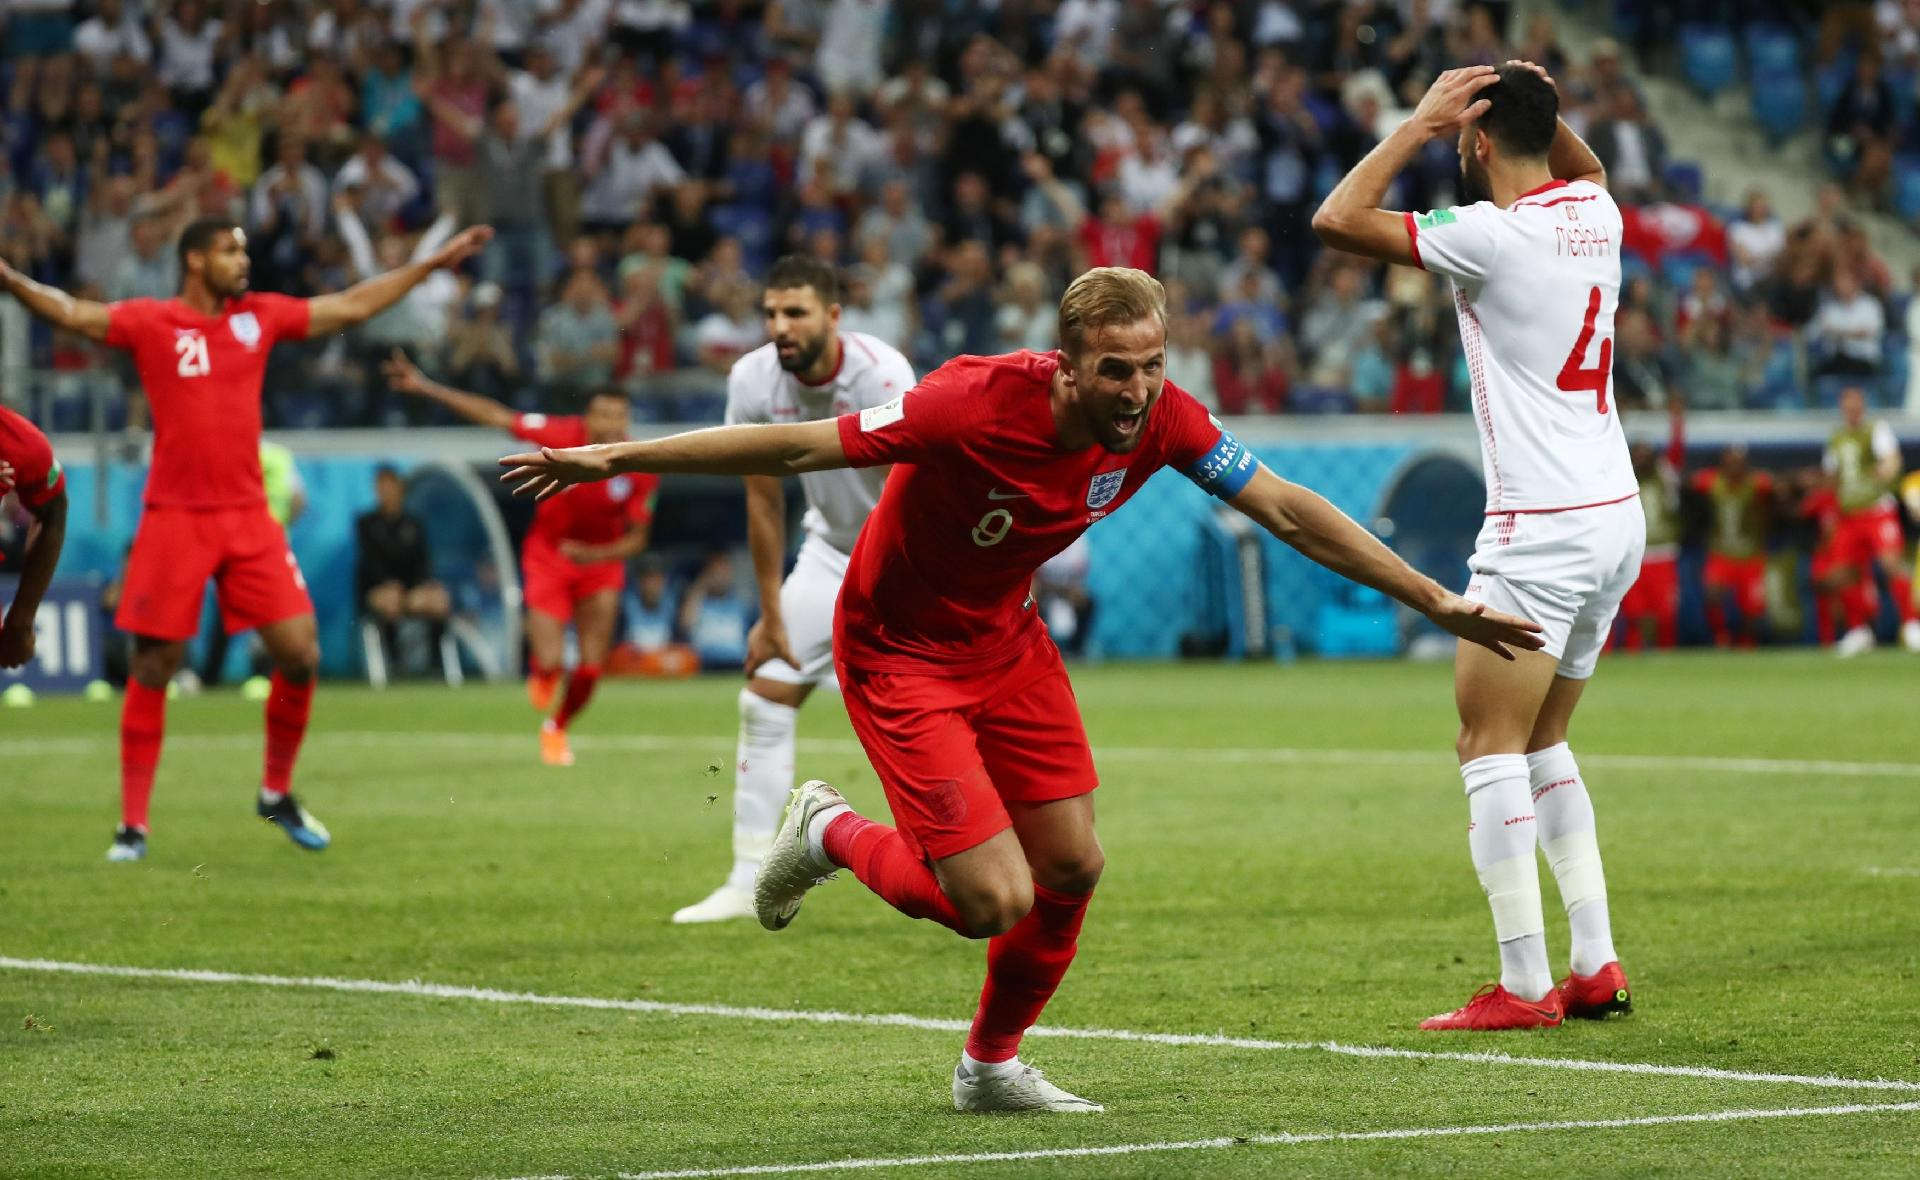 a82890dc6 Inglaterra na Copa 2018  Kane explica por que se recusou a trocar camisa  com jogador da Tunísia - UOL Copa do Mundo 2018